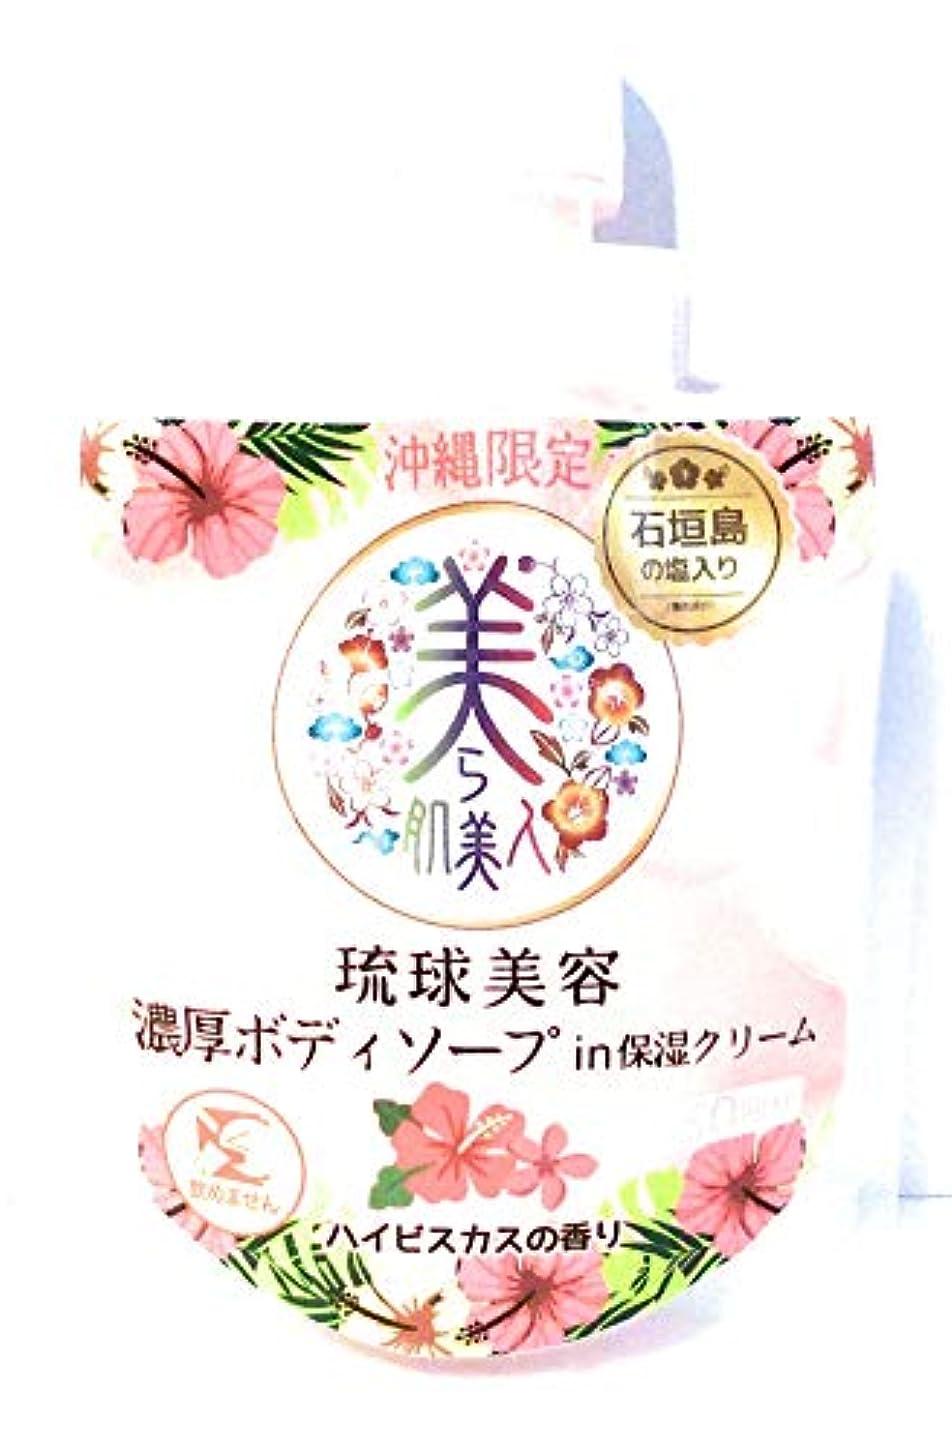 ボルト生きるアジテーション沖縄限定 美ら肌美人 琉球美容濃厚ボディソープin保湿クリーム ハイビスカスの香り